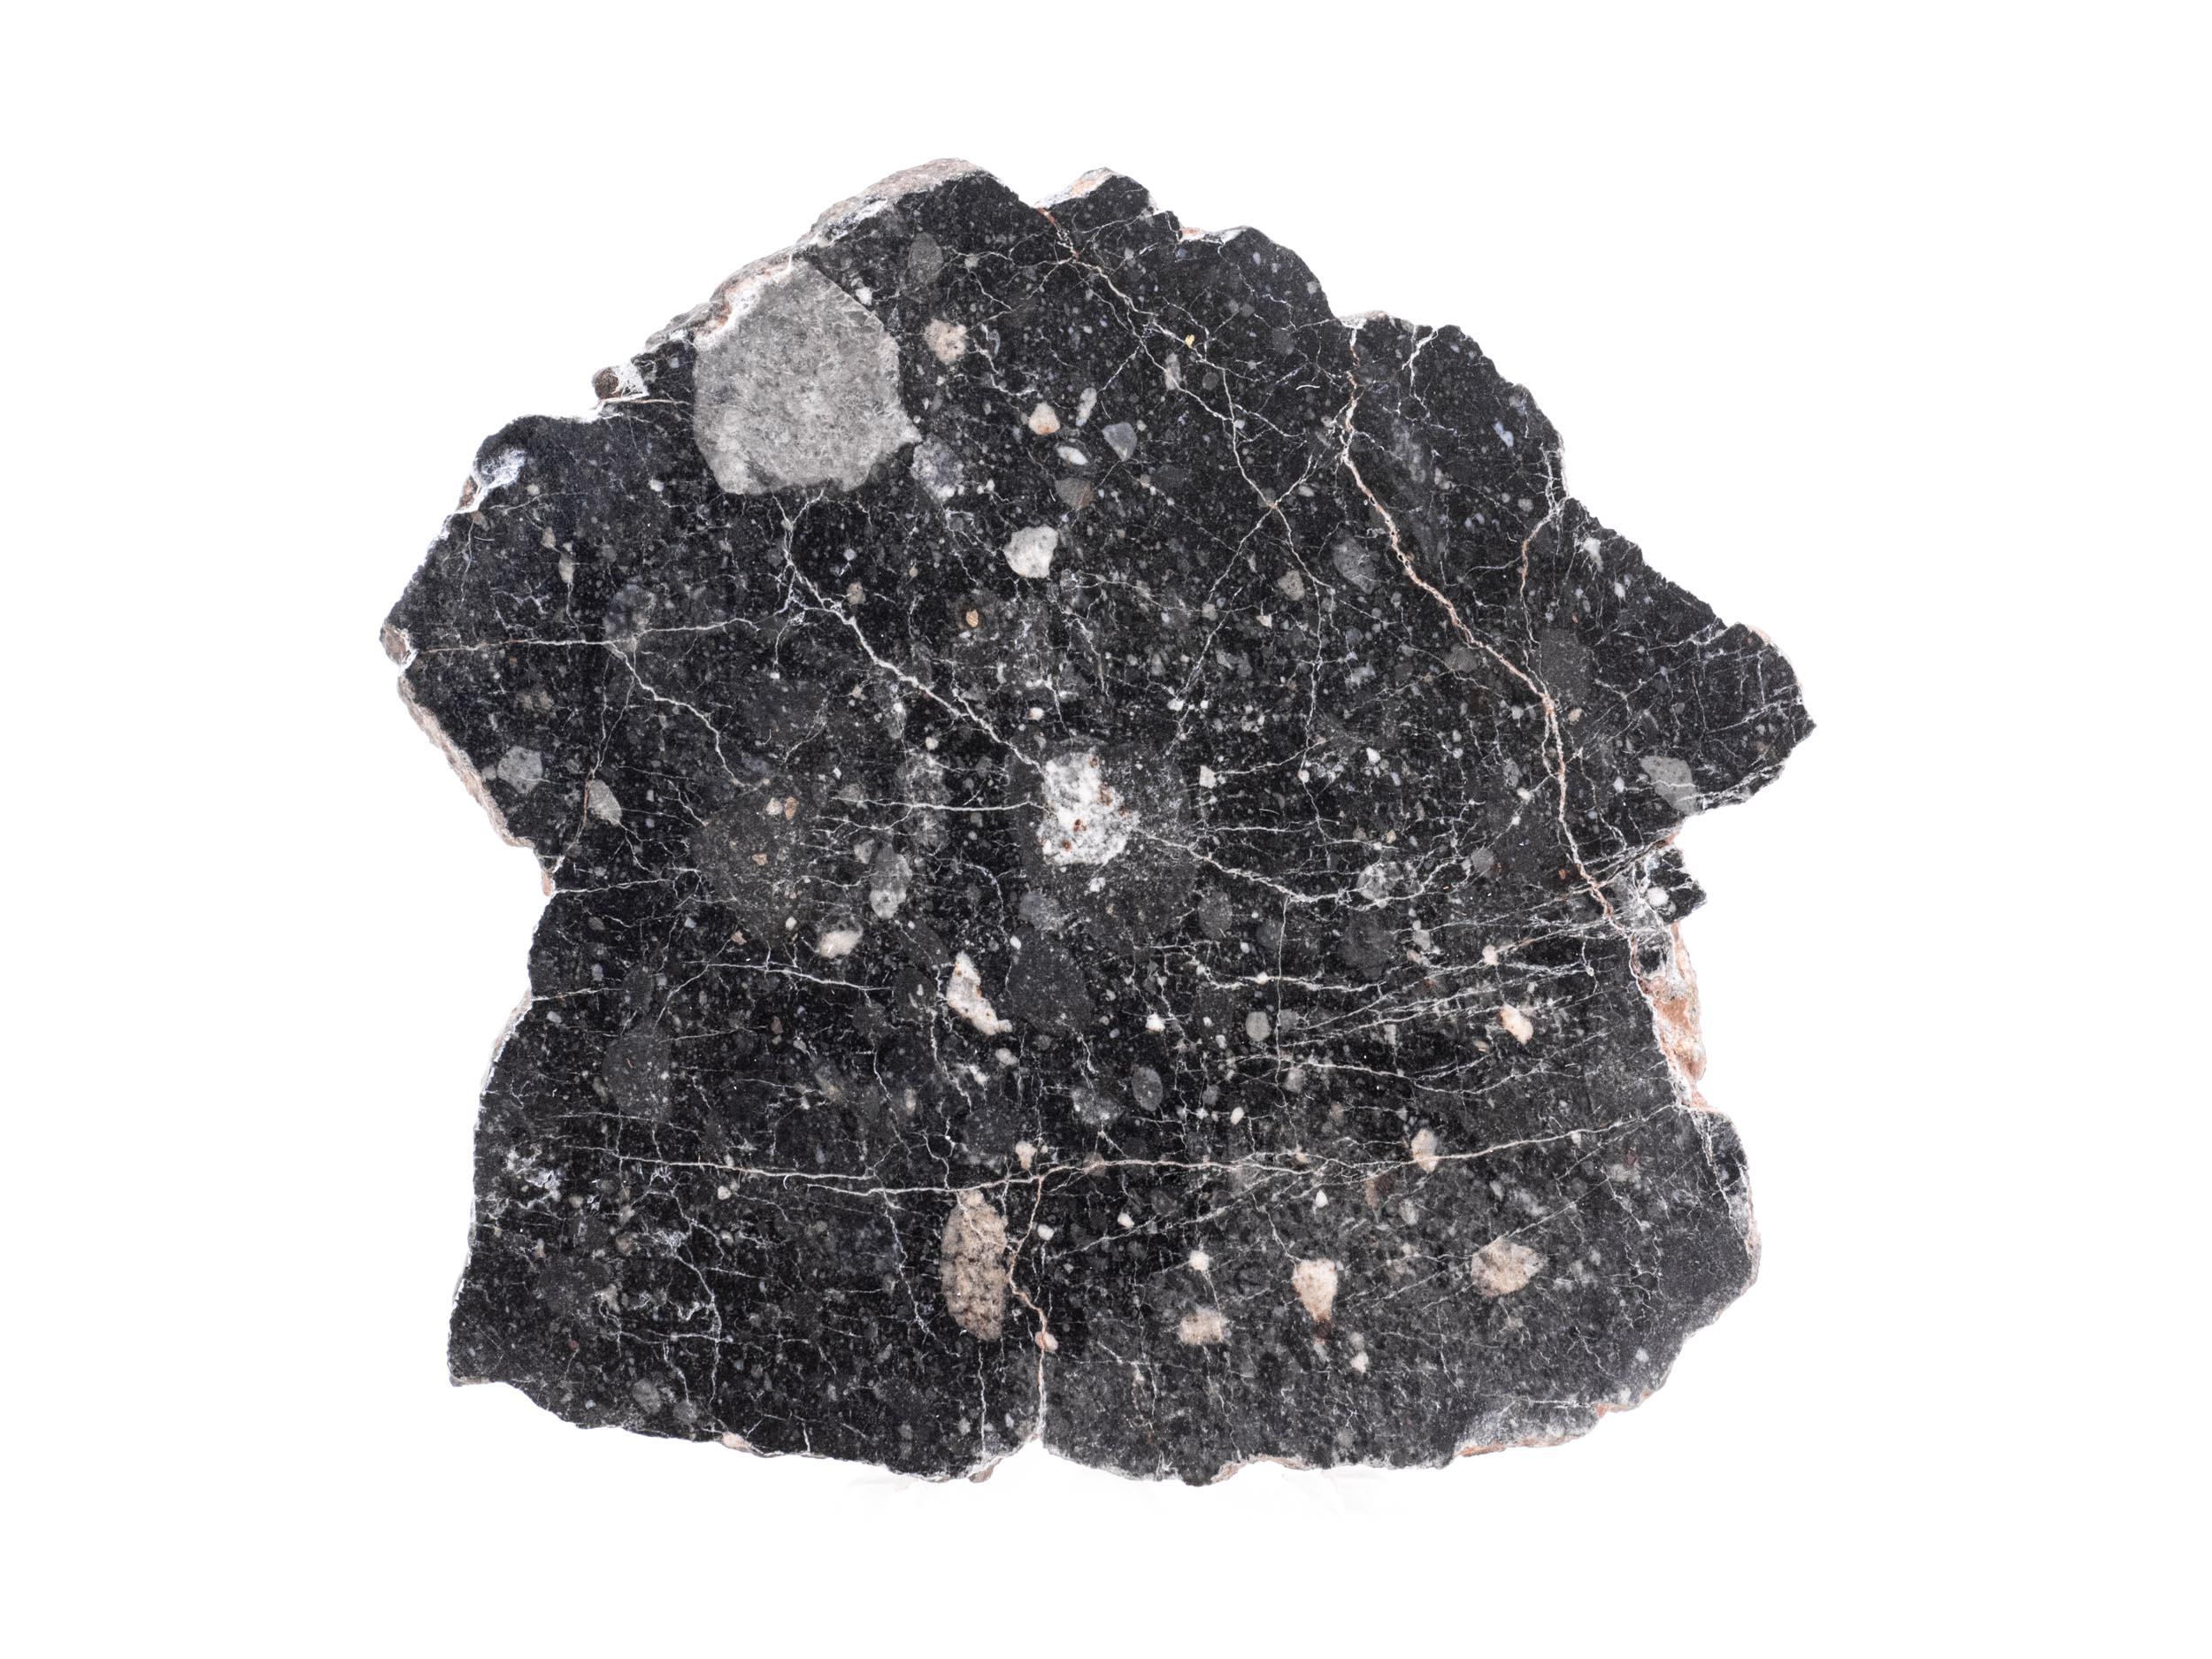 lunar meteorite 14 1 g